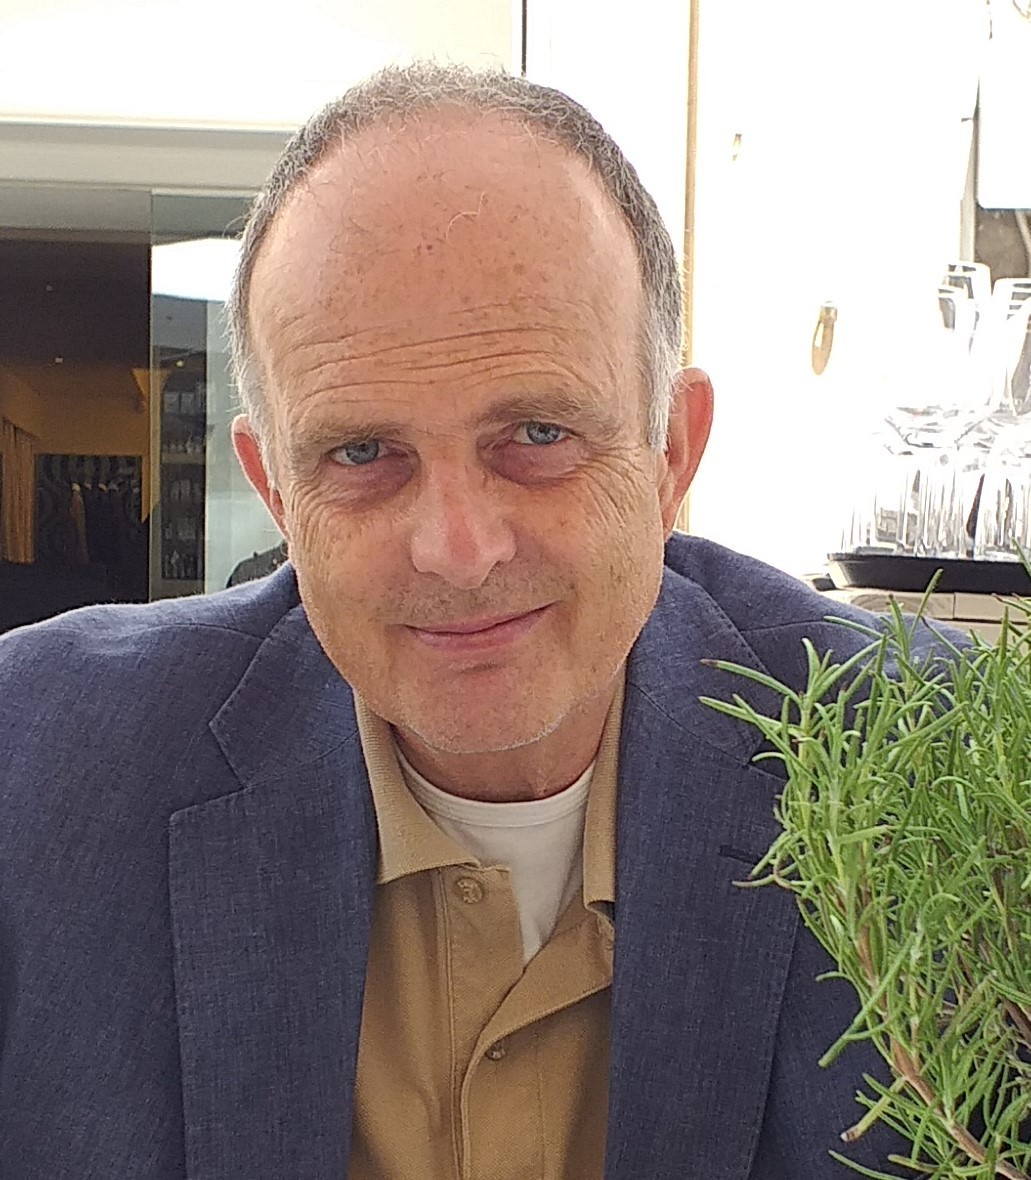 Intervista a Richard Dixon, traduttore di letteratura italiana classica e contemporanea.